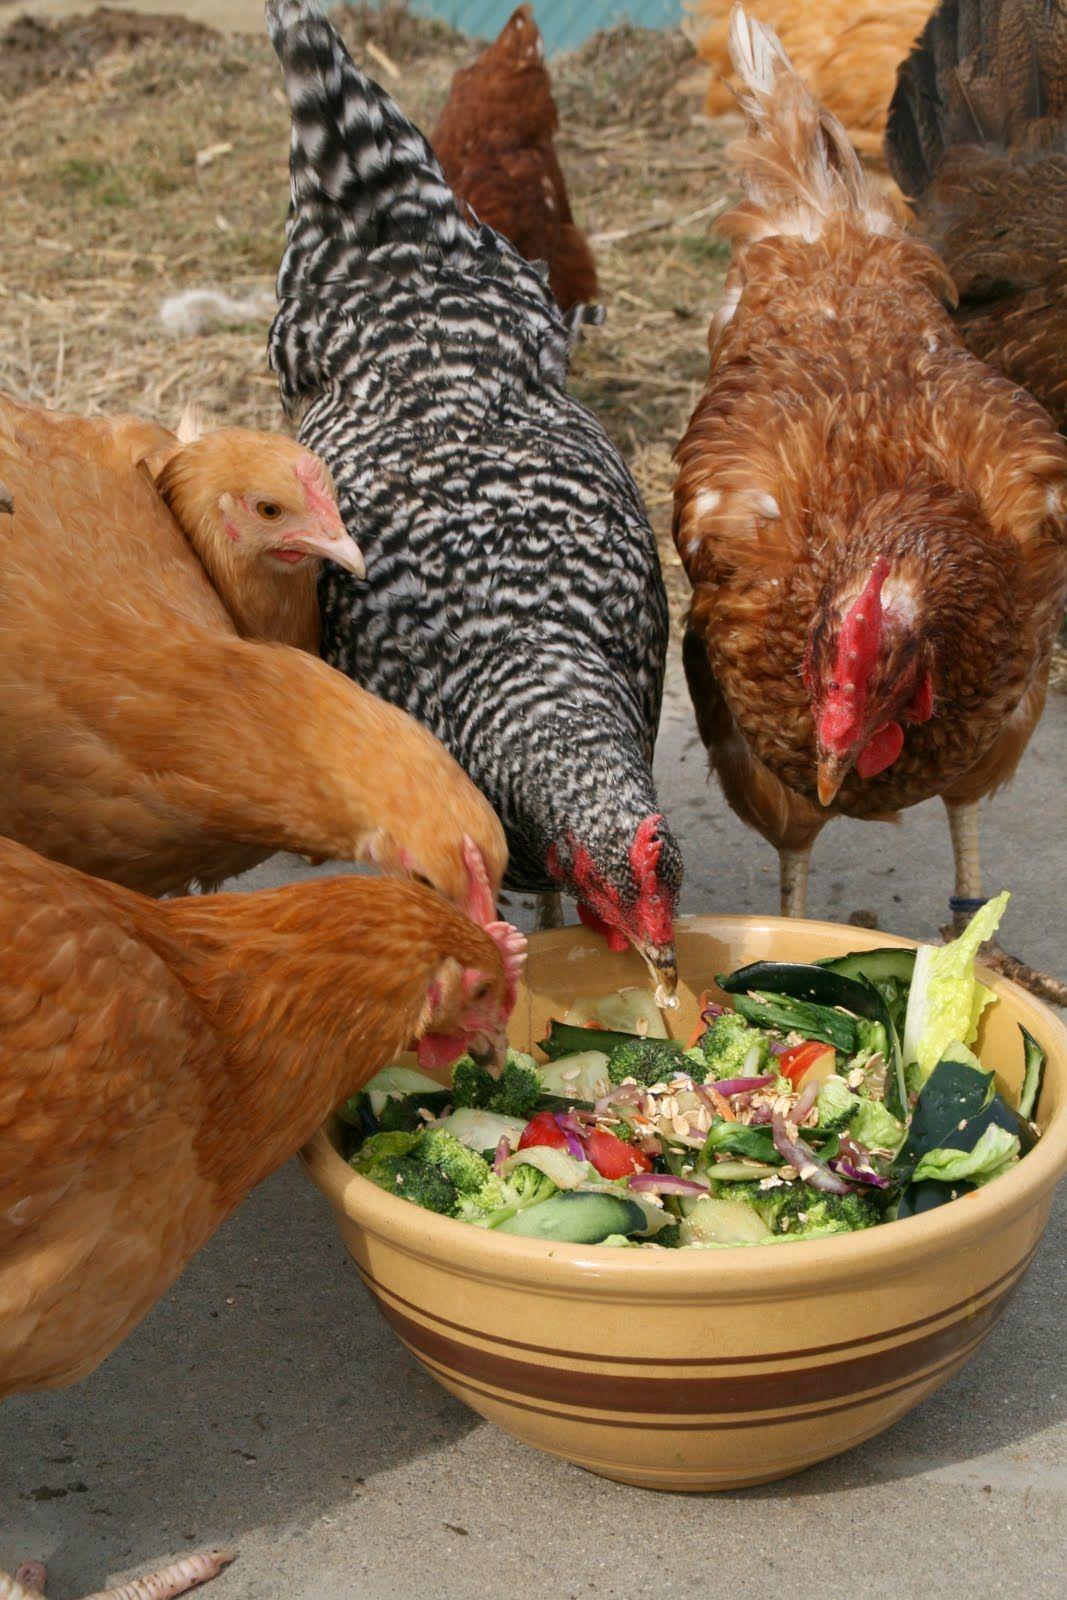 Chickens LOVE veggie scraps! Nummy